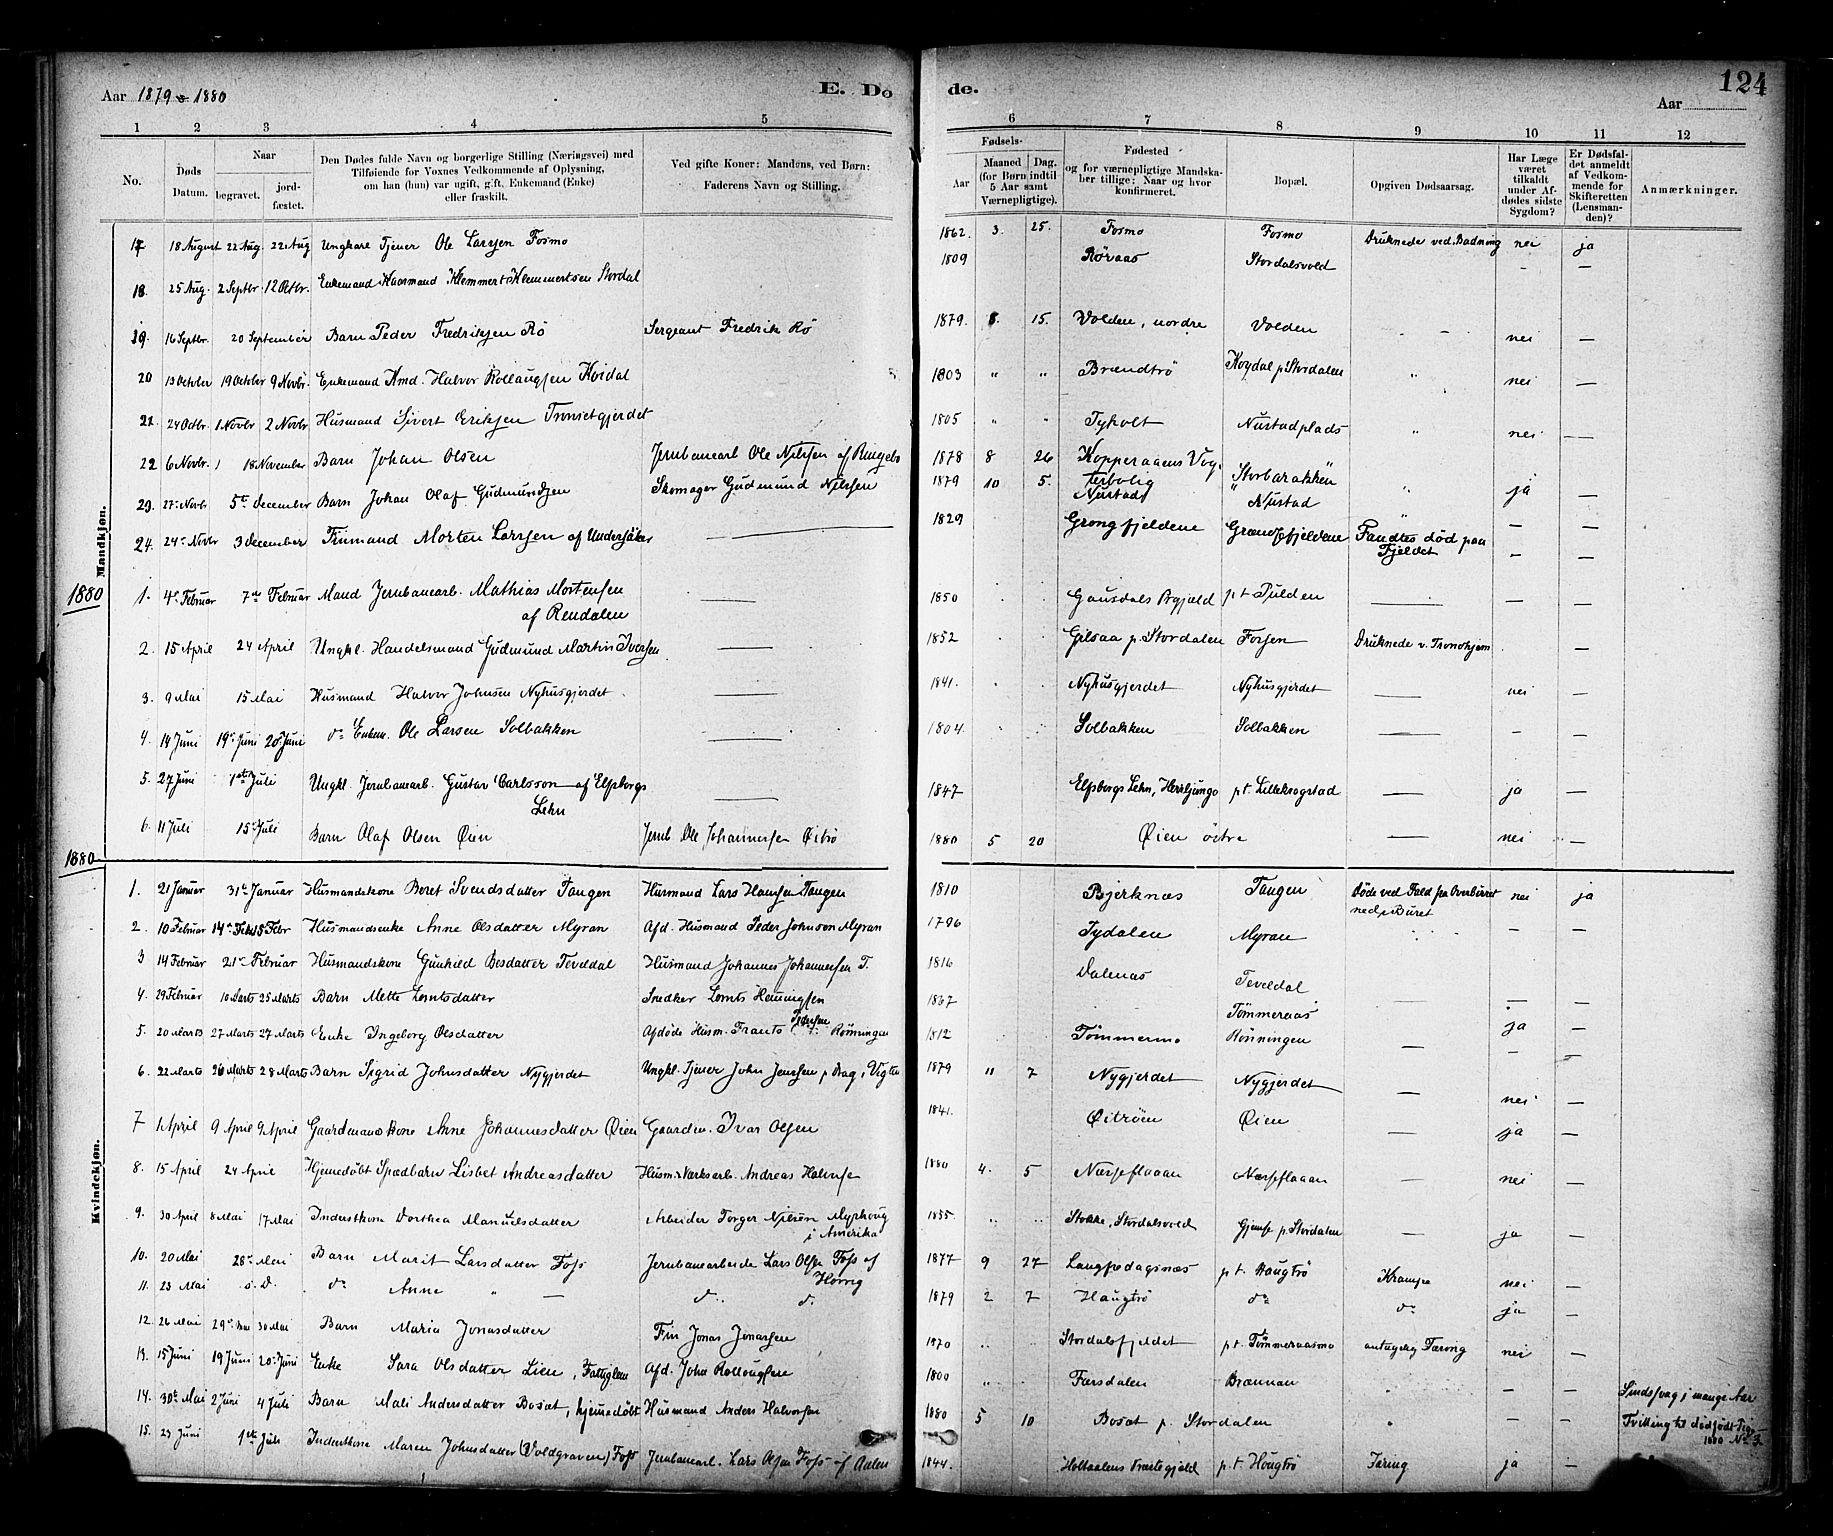 SAT, Ministerialprotokoller, klokkerbøker og fødselsregistre - Nord-Trøndelag, 706/L0047: Ministerialbok nr. 706A03, 1878-1892, s. 124